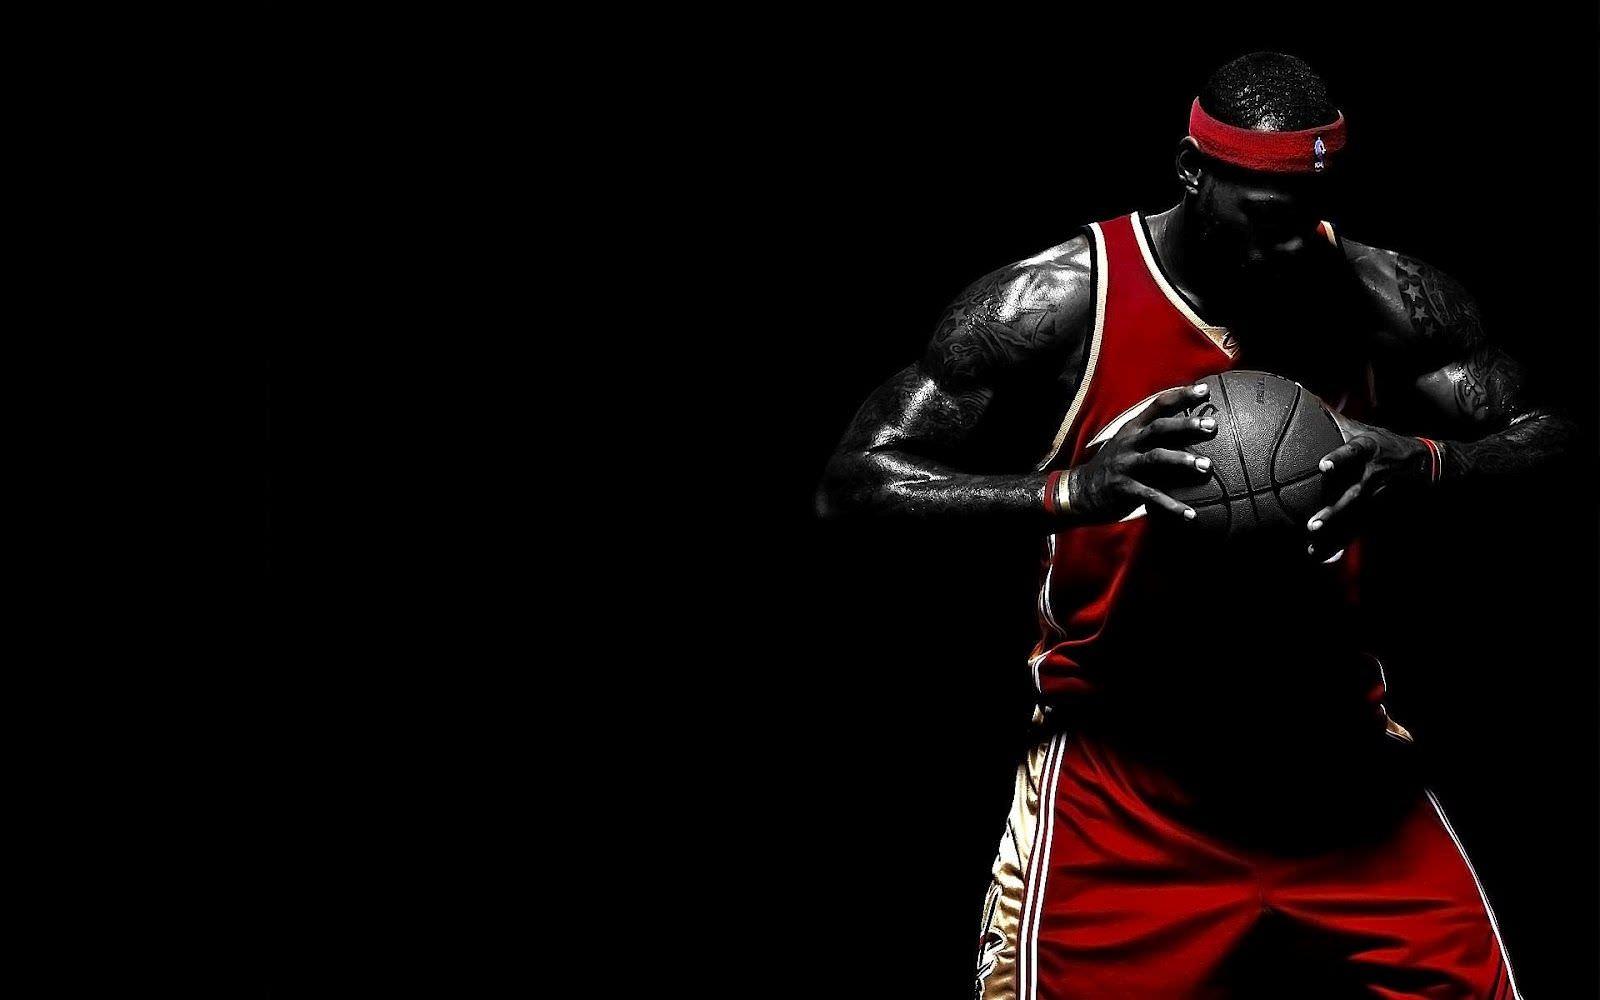 Hd Basketball Wallpaper